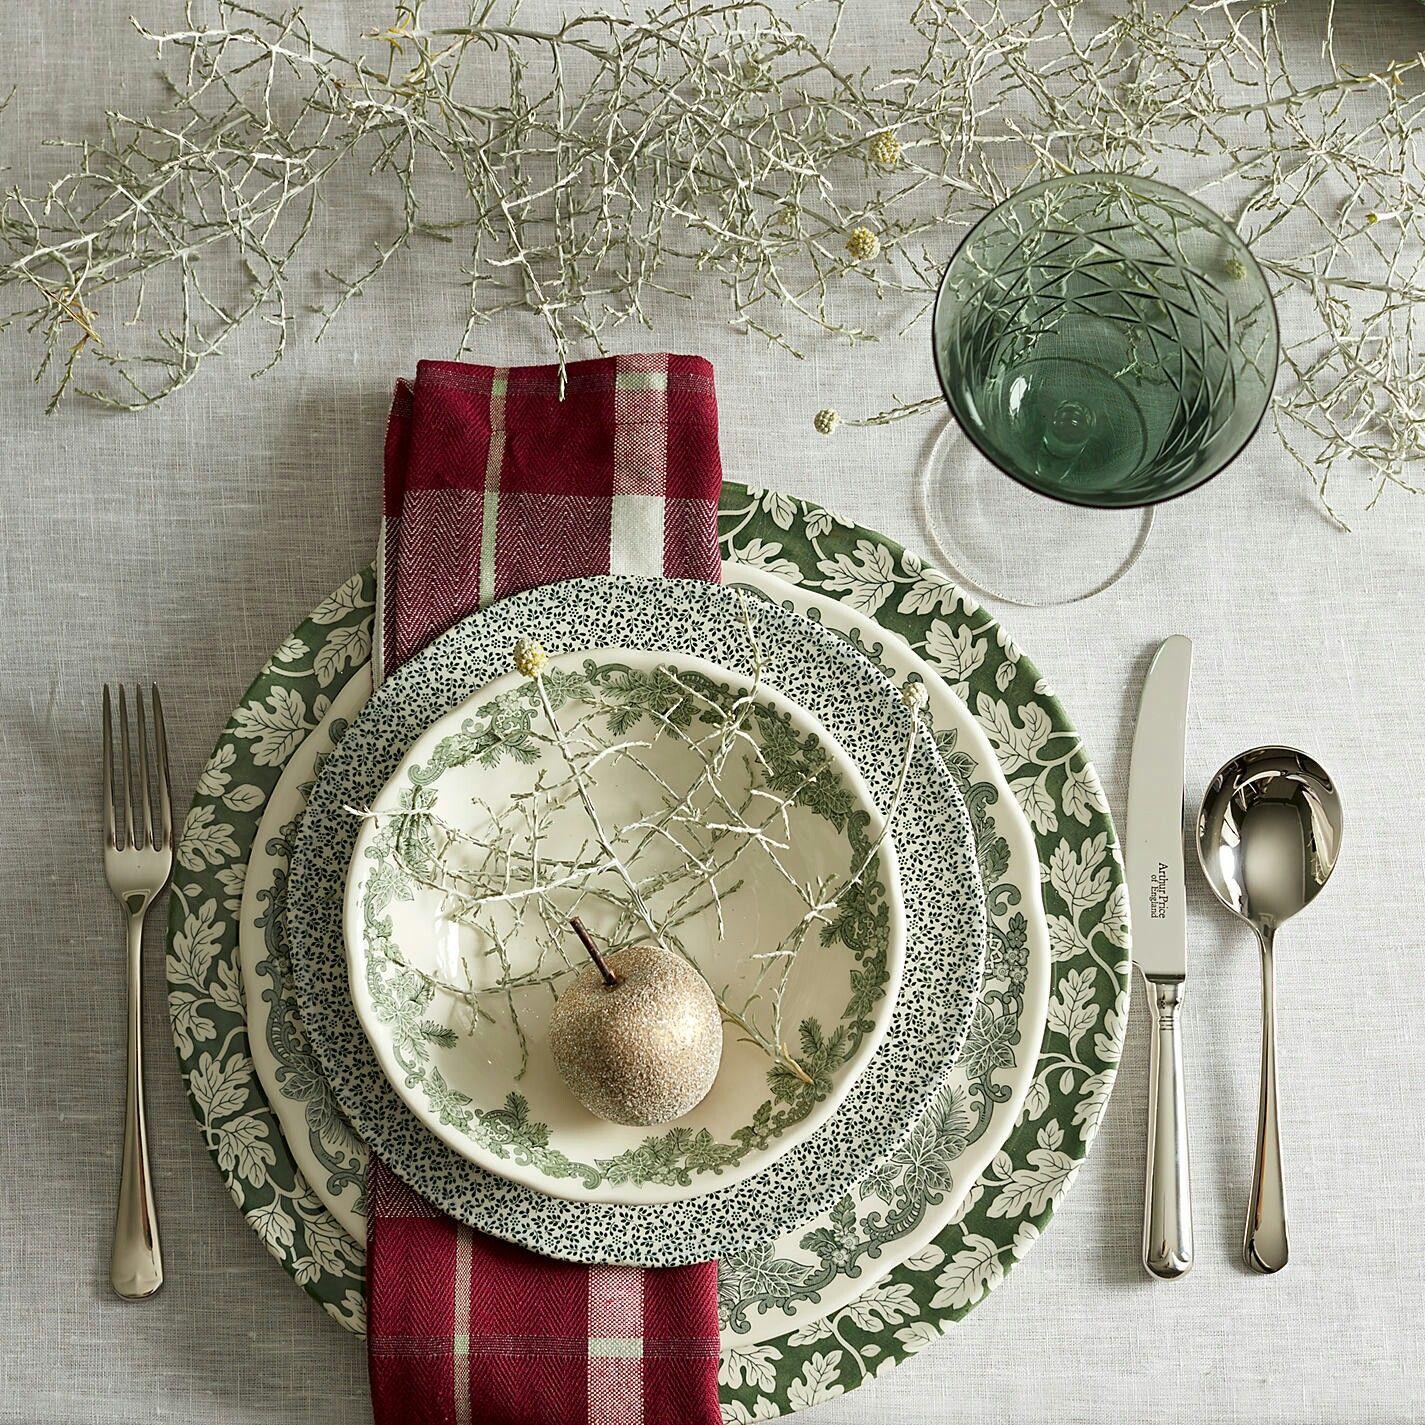 إتيكيت ترتيب السفرة في العزومات Etiquette Table Settings Scenes